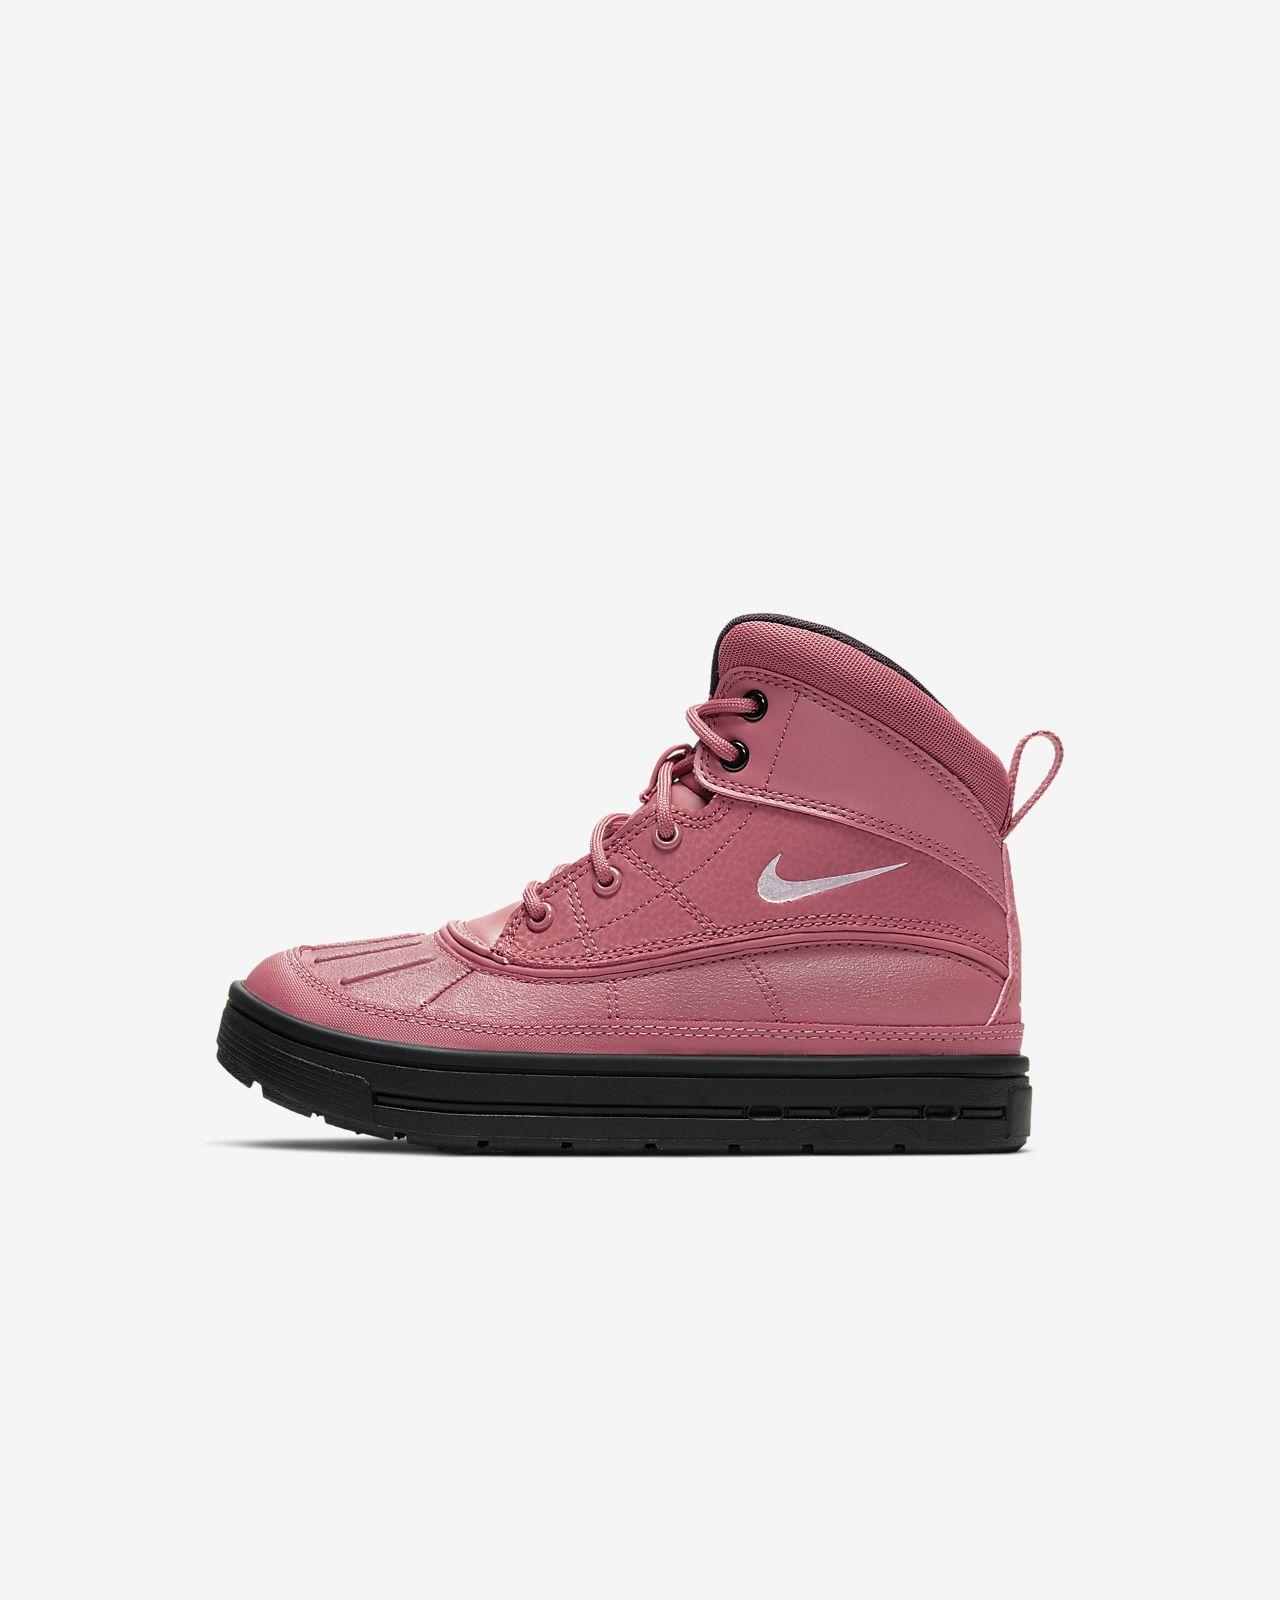 Nike Little Kids Woodside 2 High Winter Boots